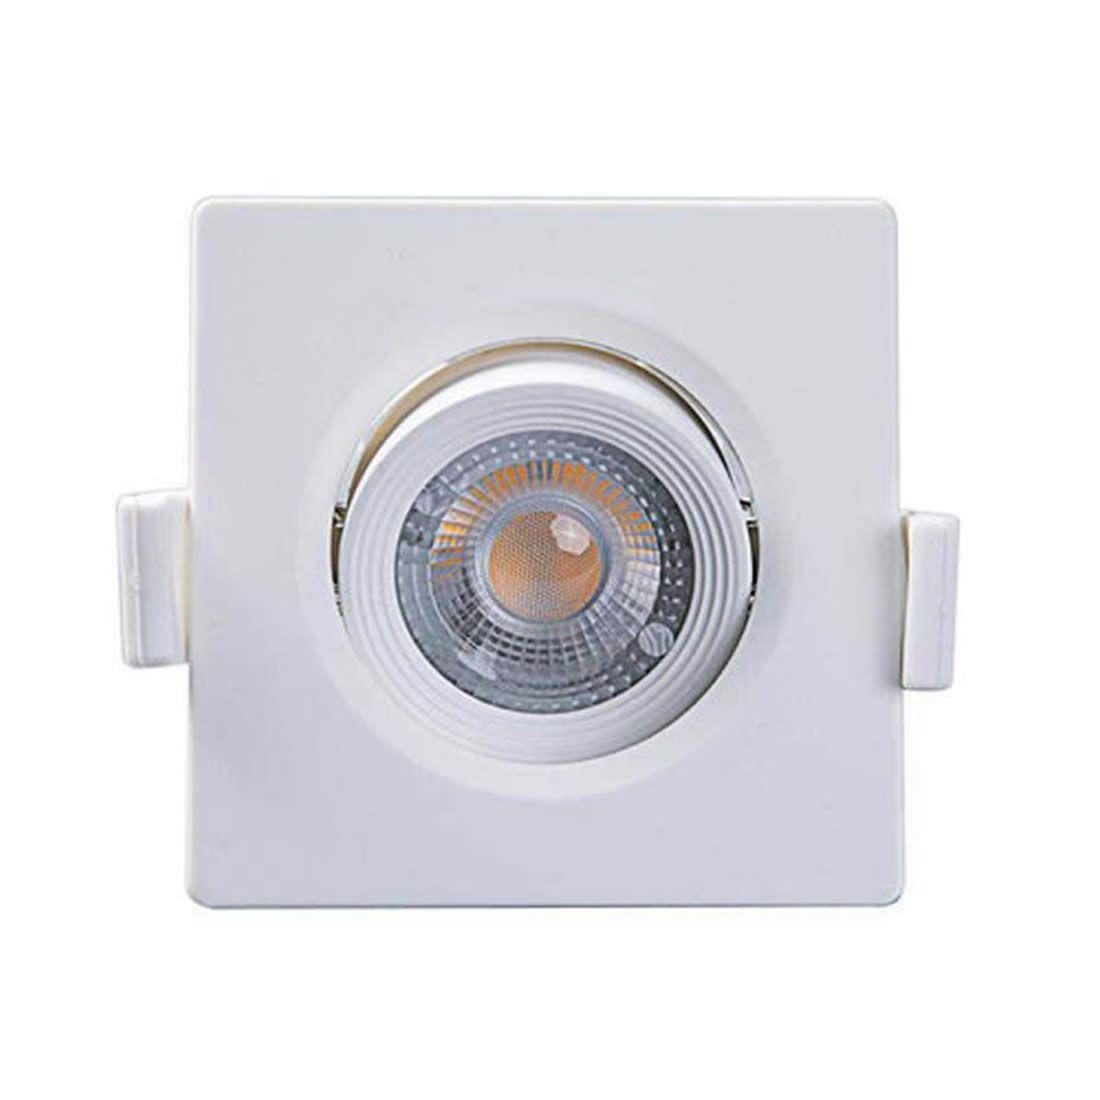 Luminária de Led Taschibra Spot Embutir Quadrada 5W 6500K